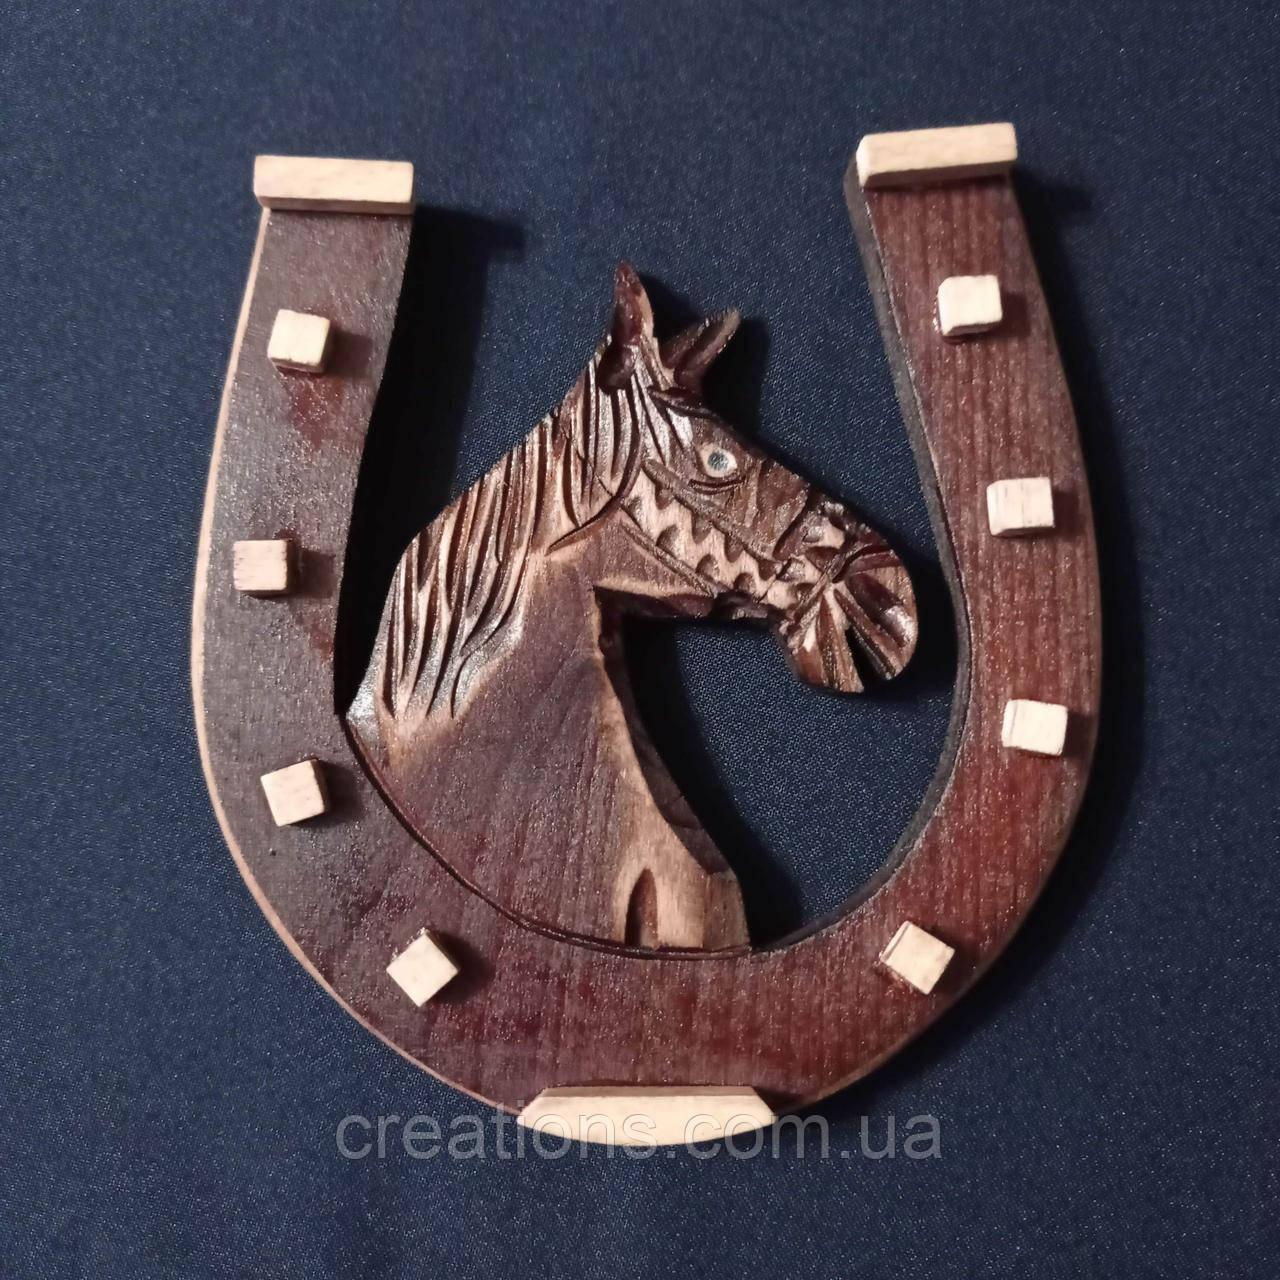 Деревянная резная подкова, сувенир оберег для дома с крепежом на стену